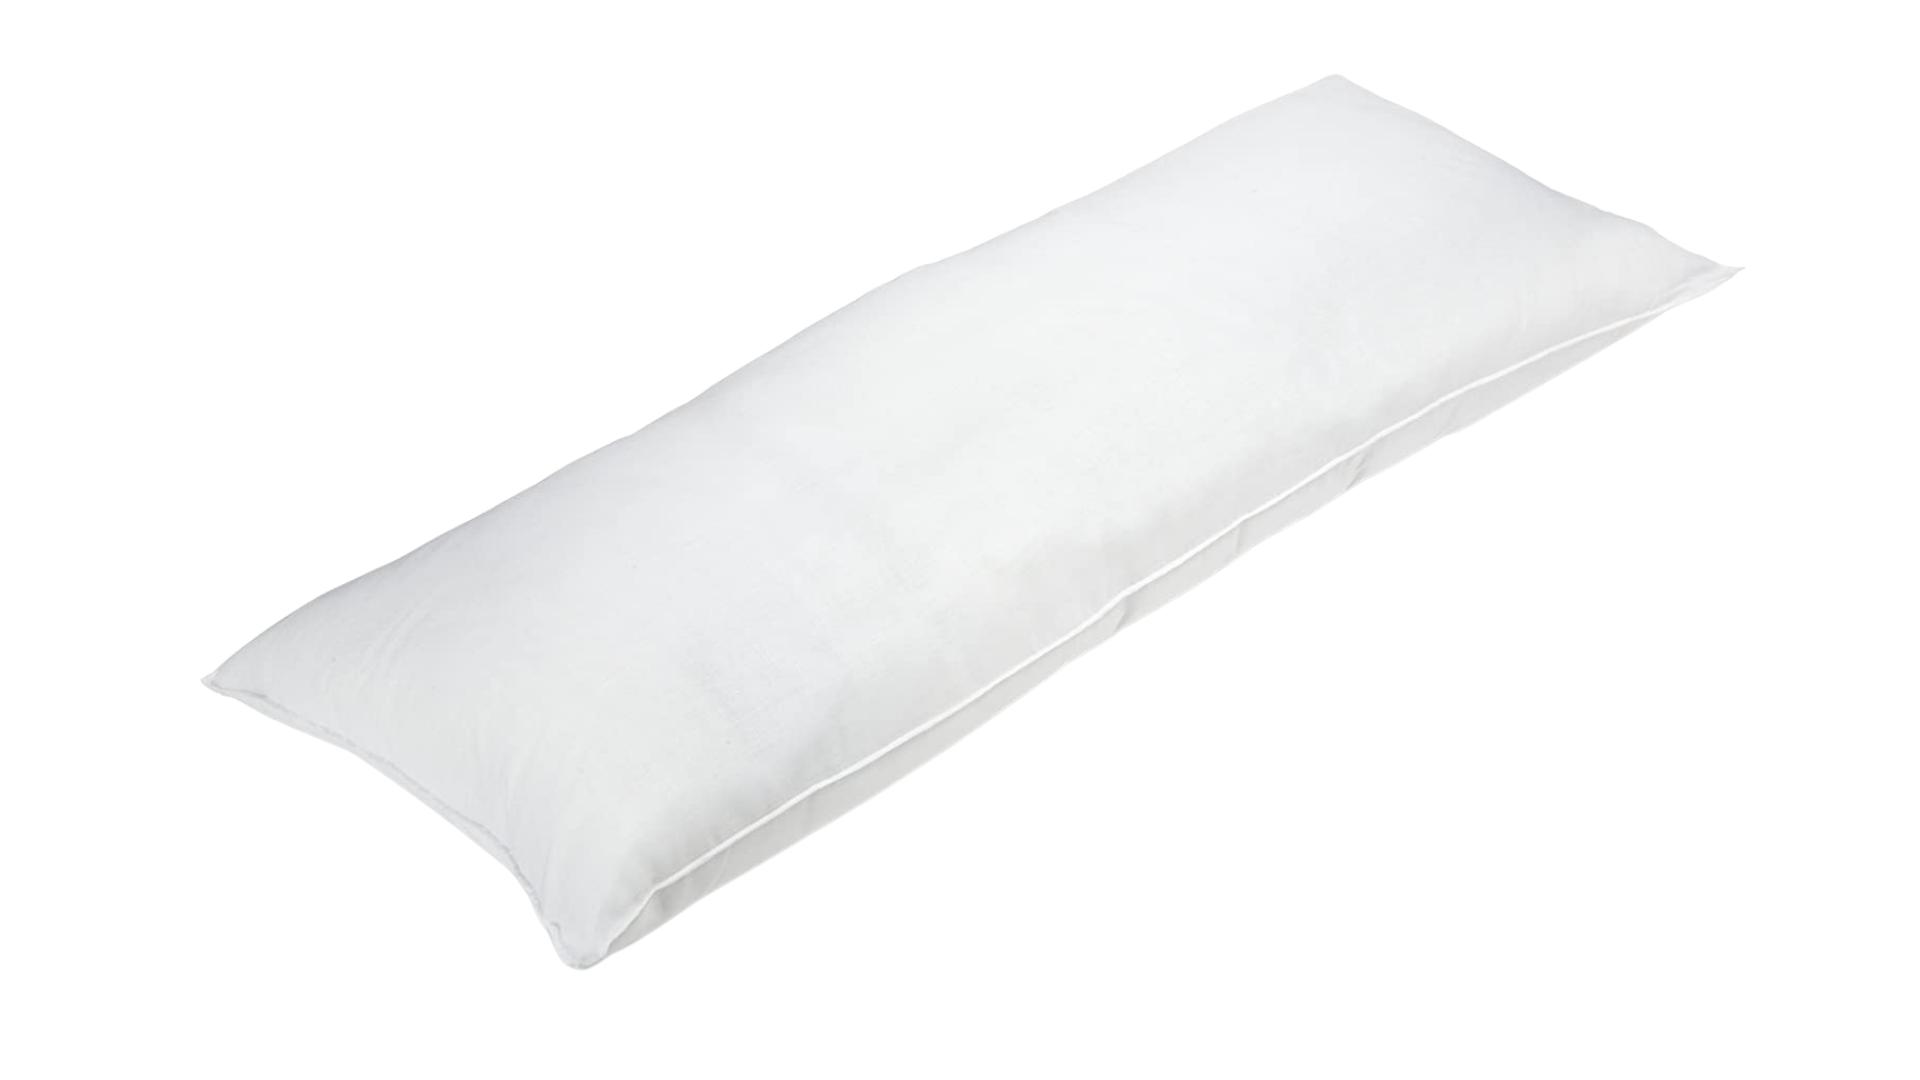 Soft-Tex SoftLOFT Body pillow